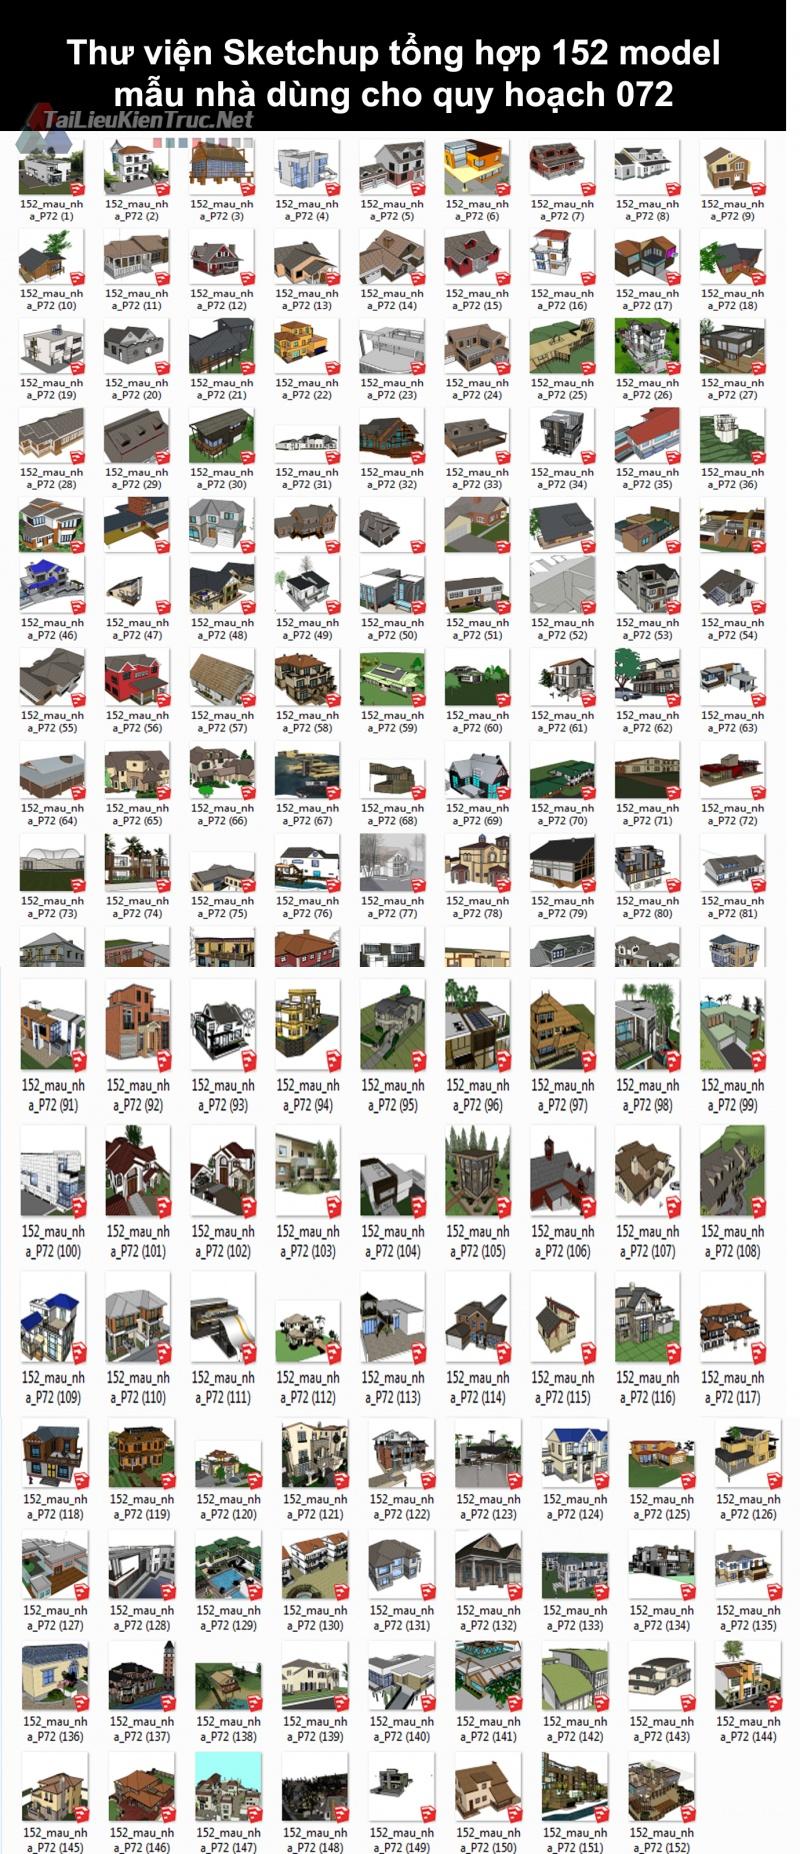 Thư viện Sketchup tổng hợp 152 Model mẫu nhà dùng cho quy hoạch 072